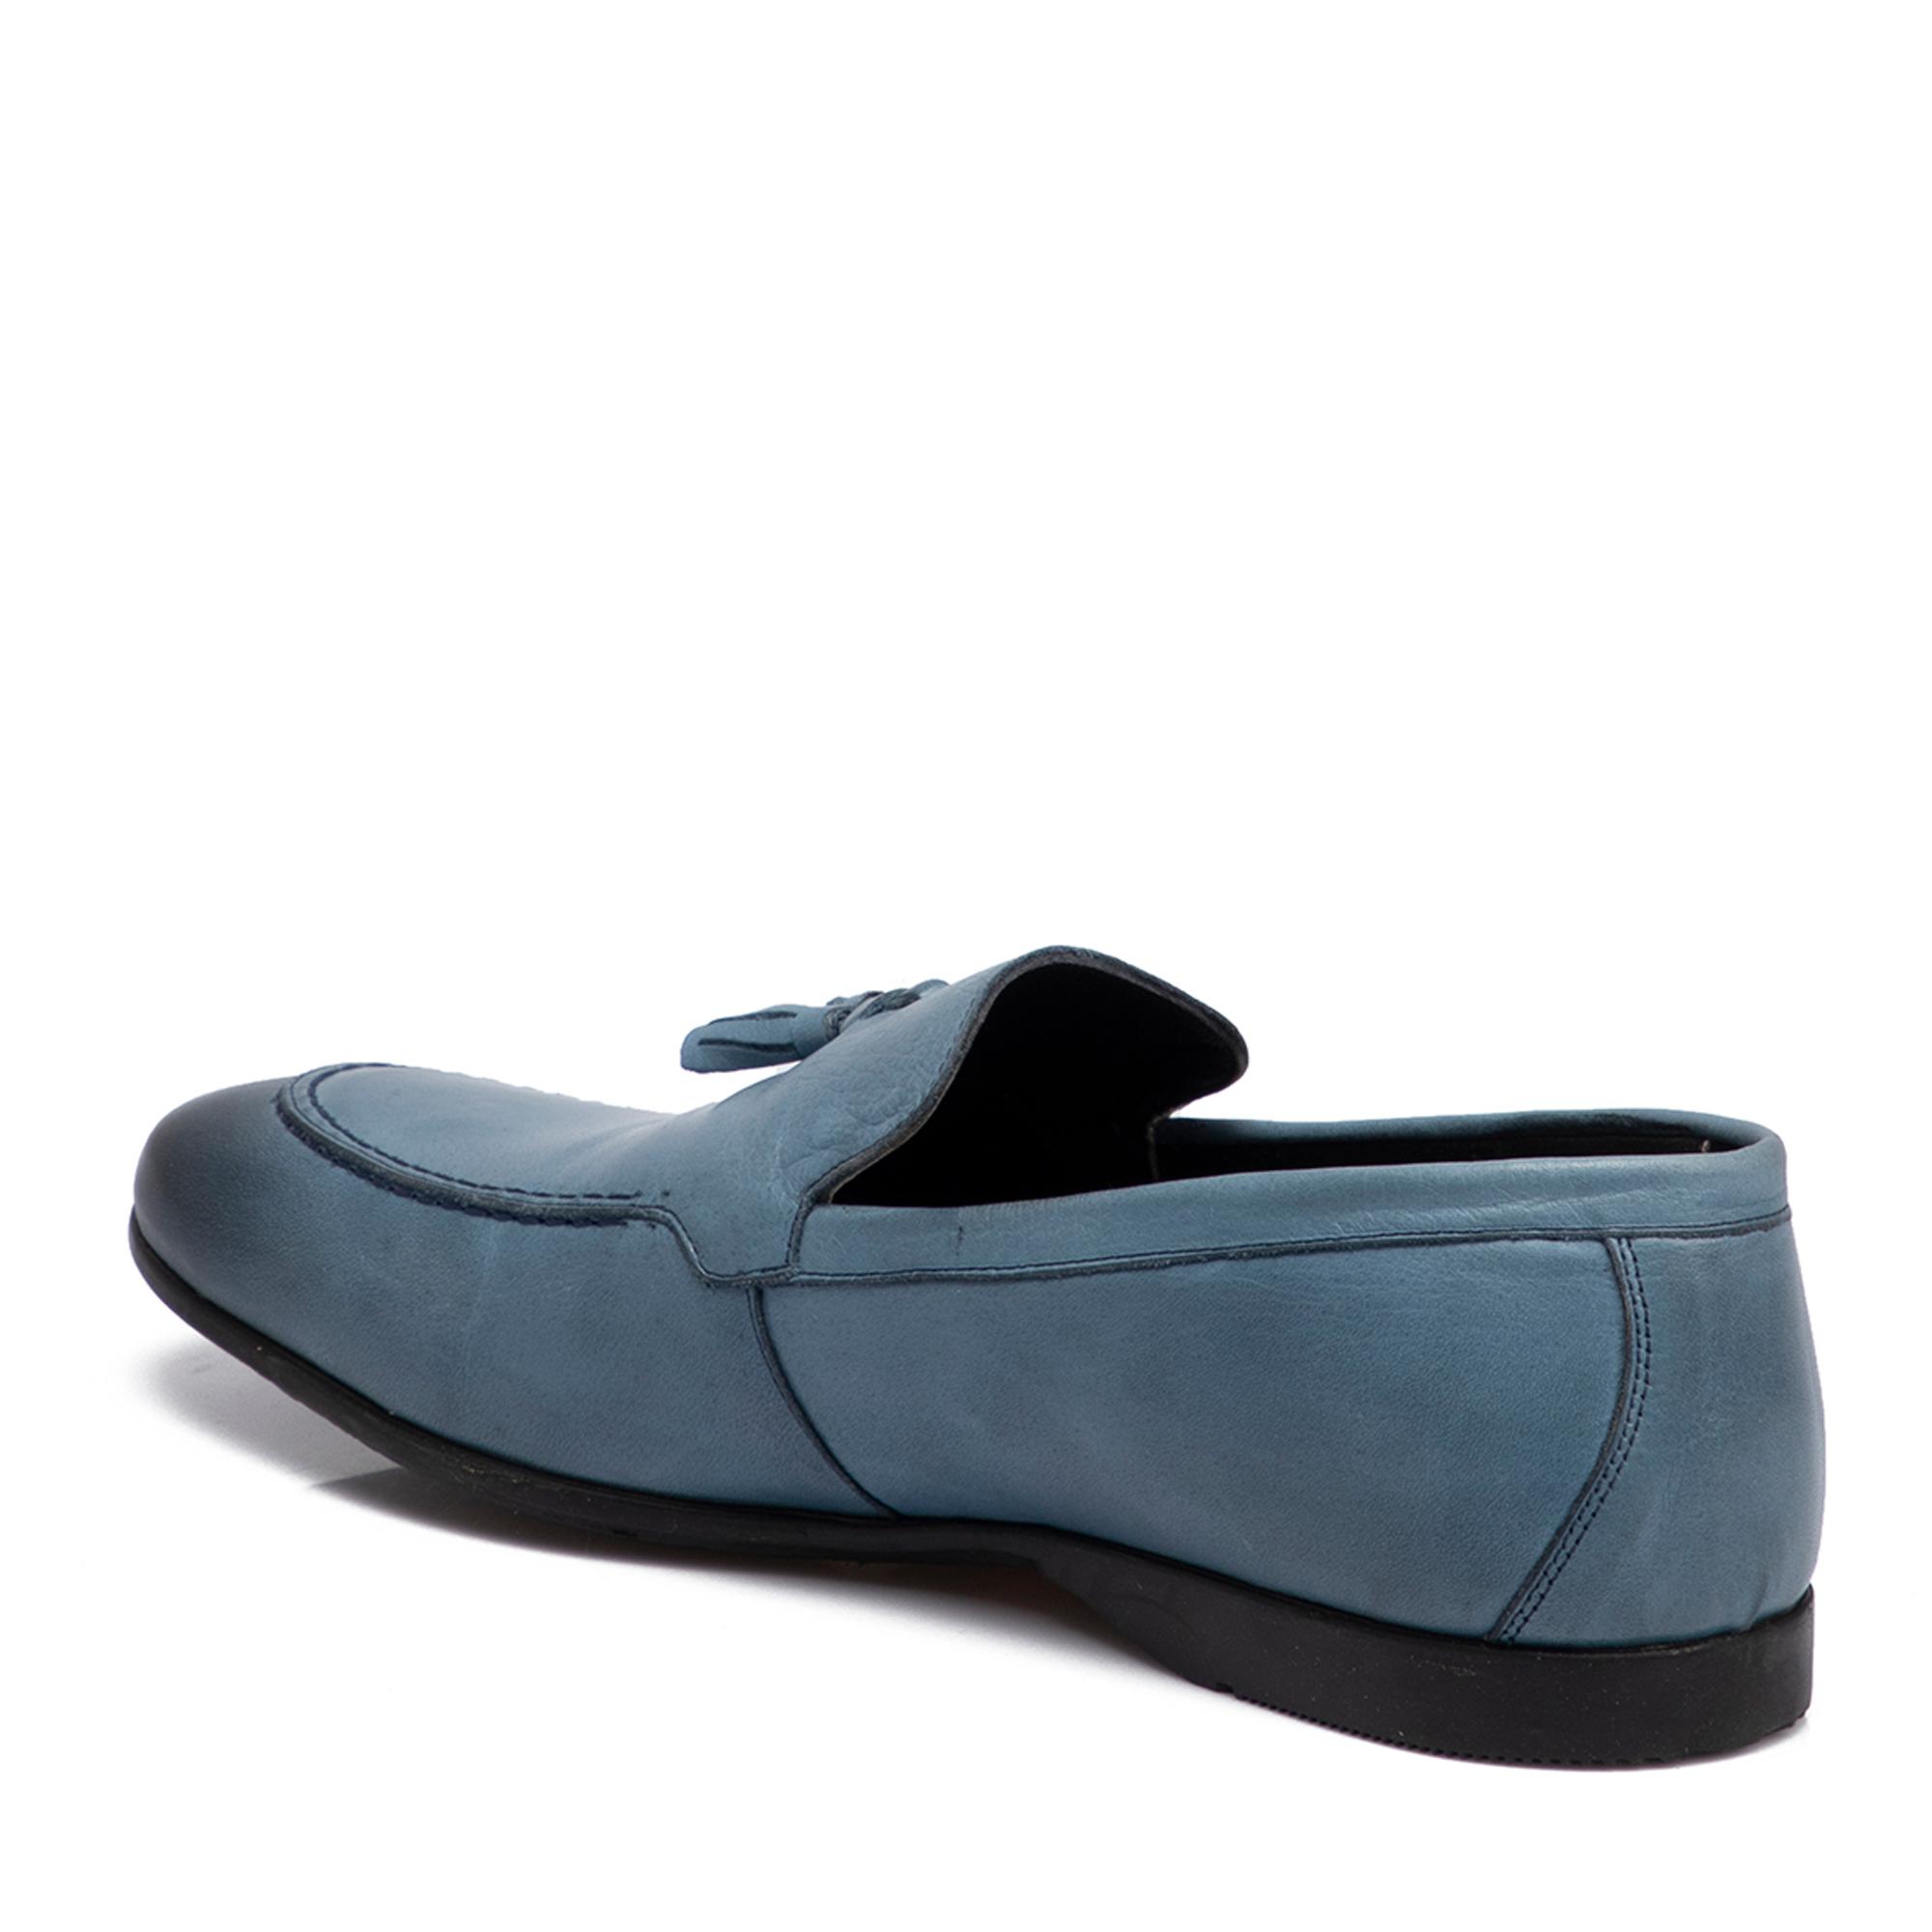 Mavi Deri Erkek Ayakkabı 54373J61